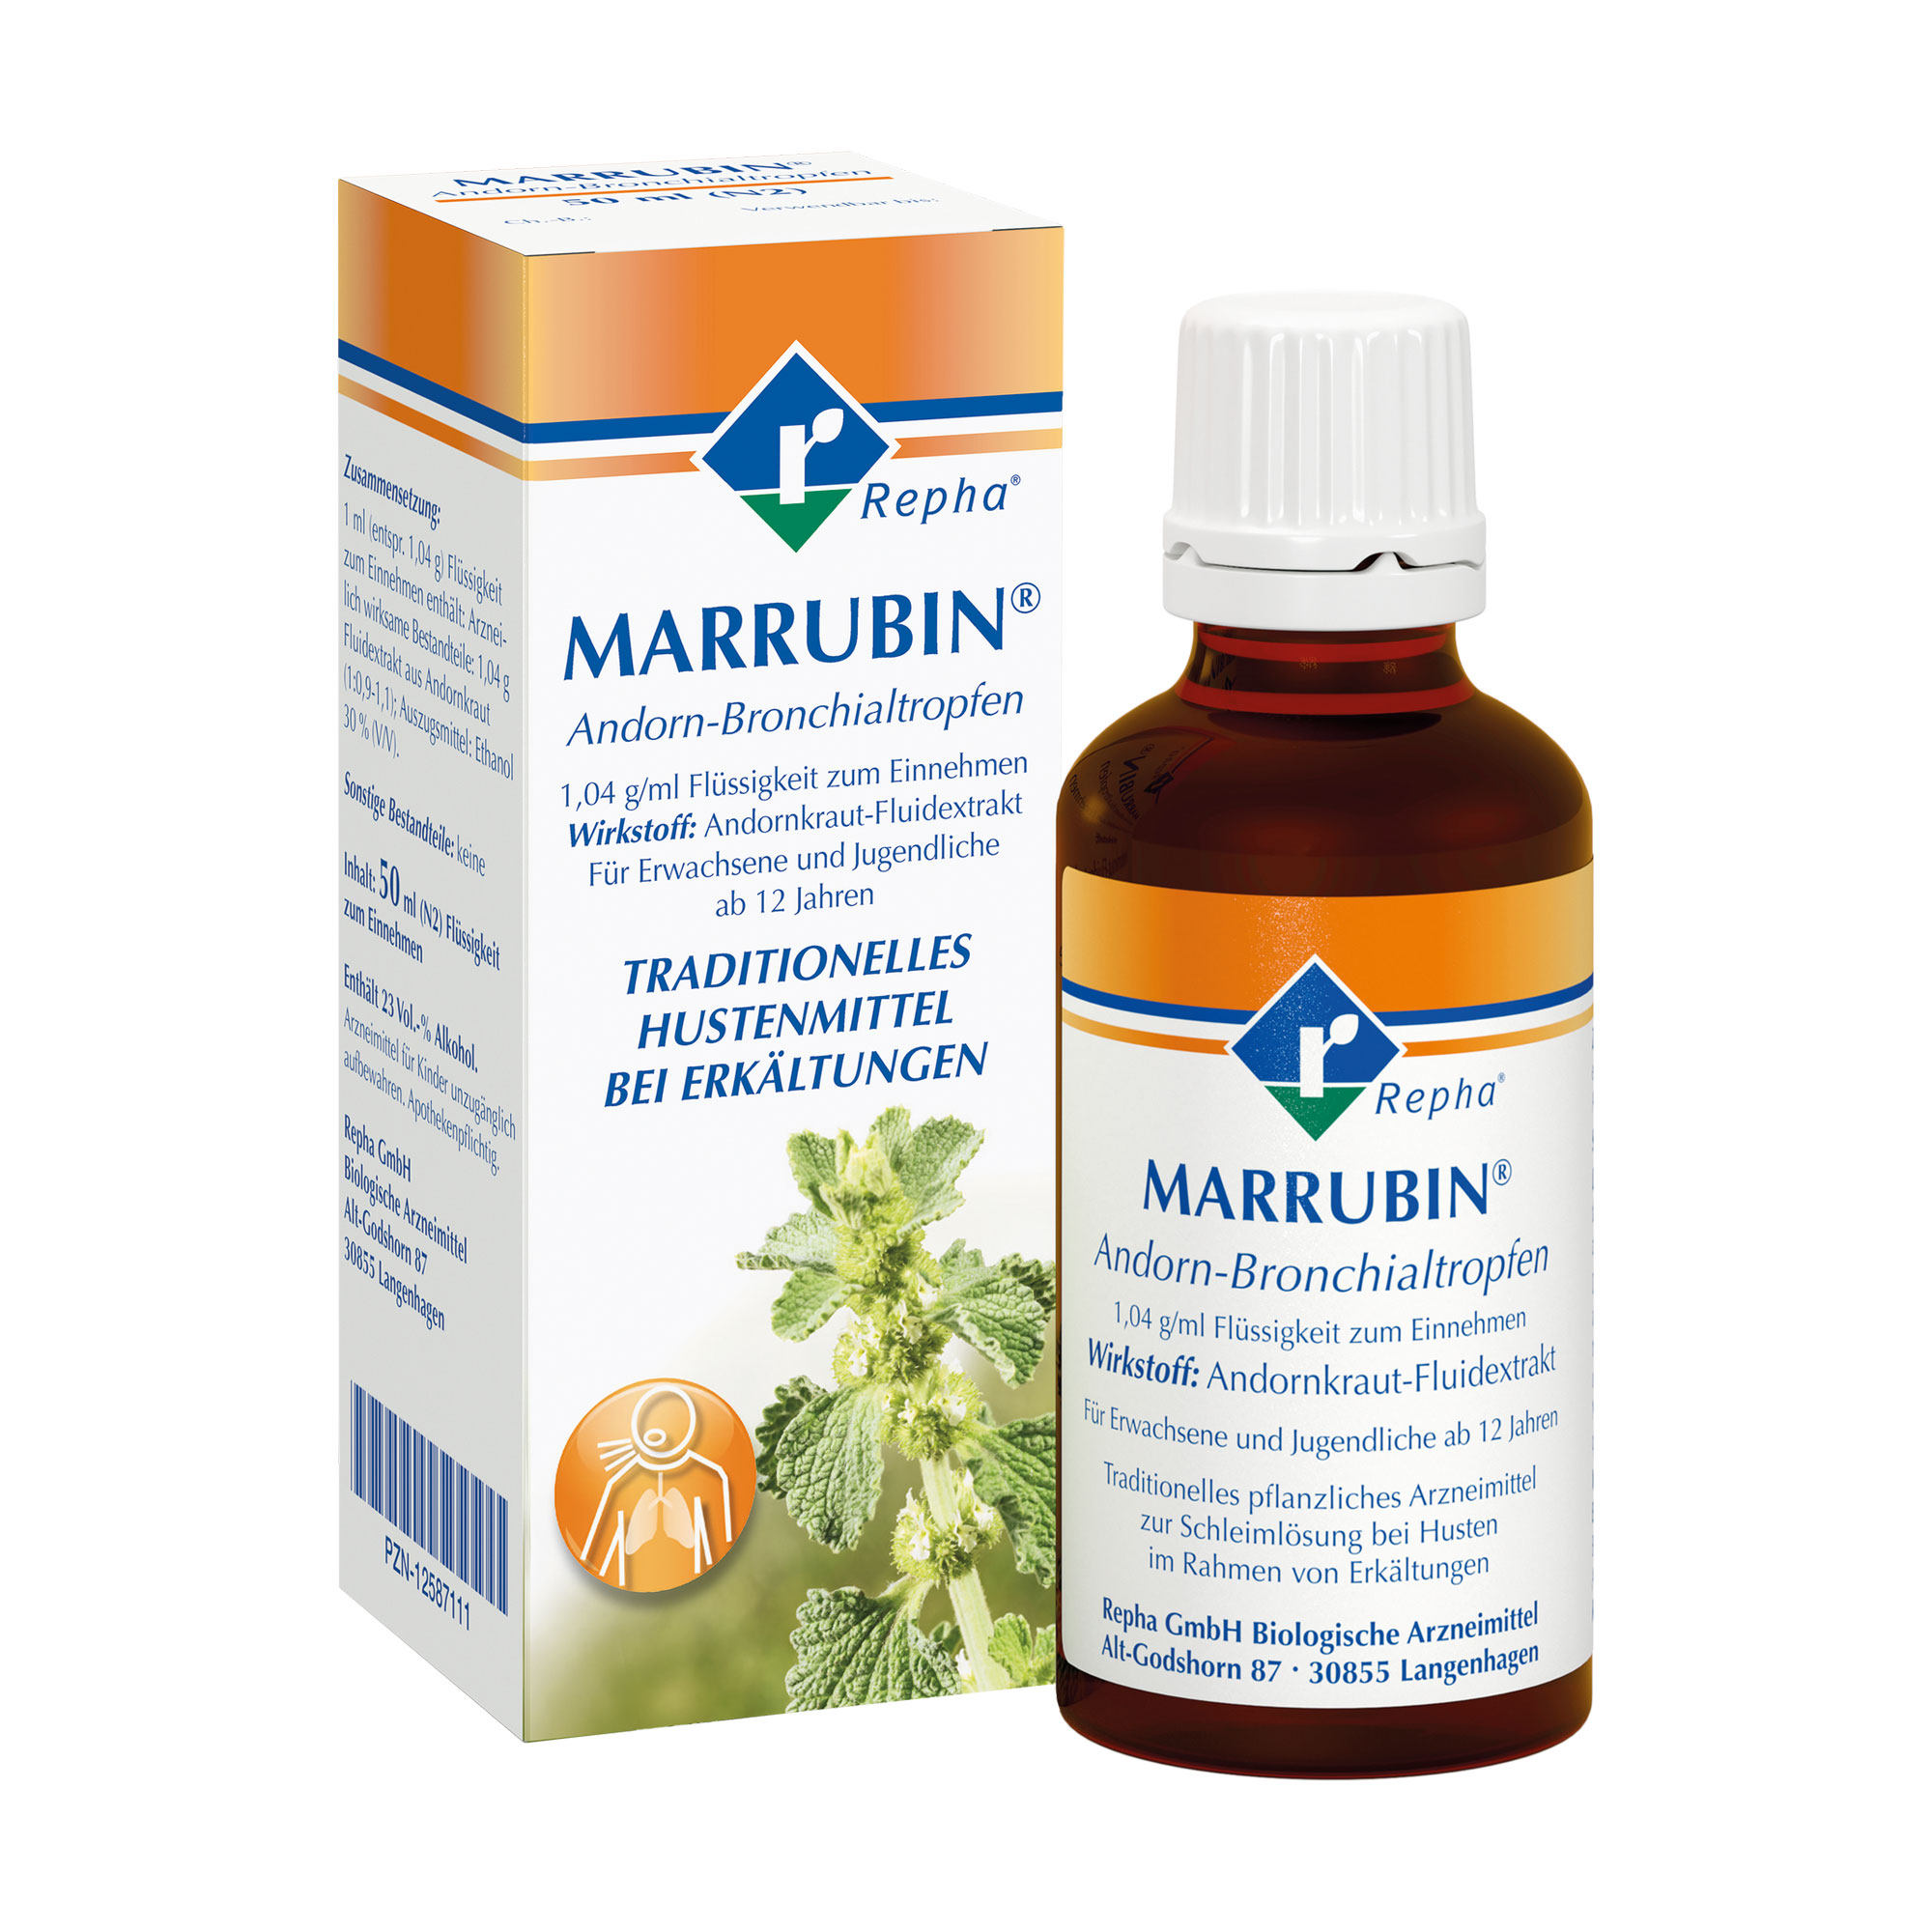 Marrubin Andorn-Bronchialtropfen zur Schleimlösung